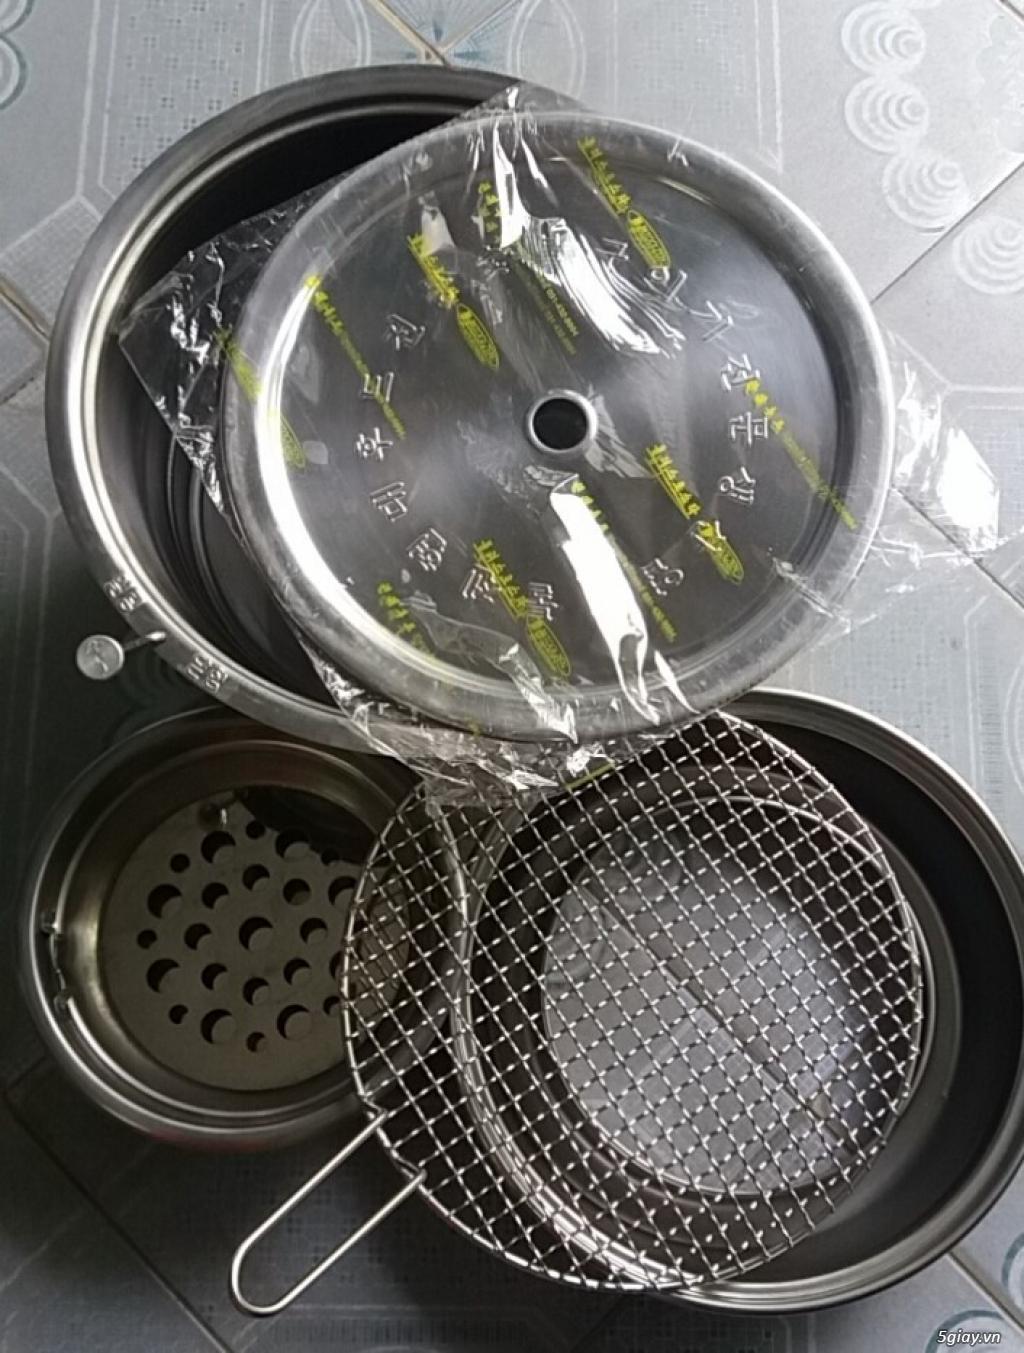 Cung cấp các loại bếp nướng than hoa không khói giá rẻ tại hà nội - 10